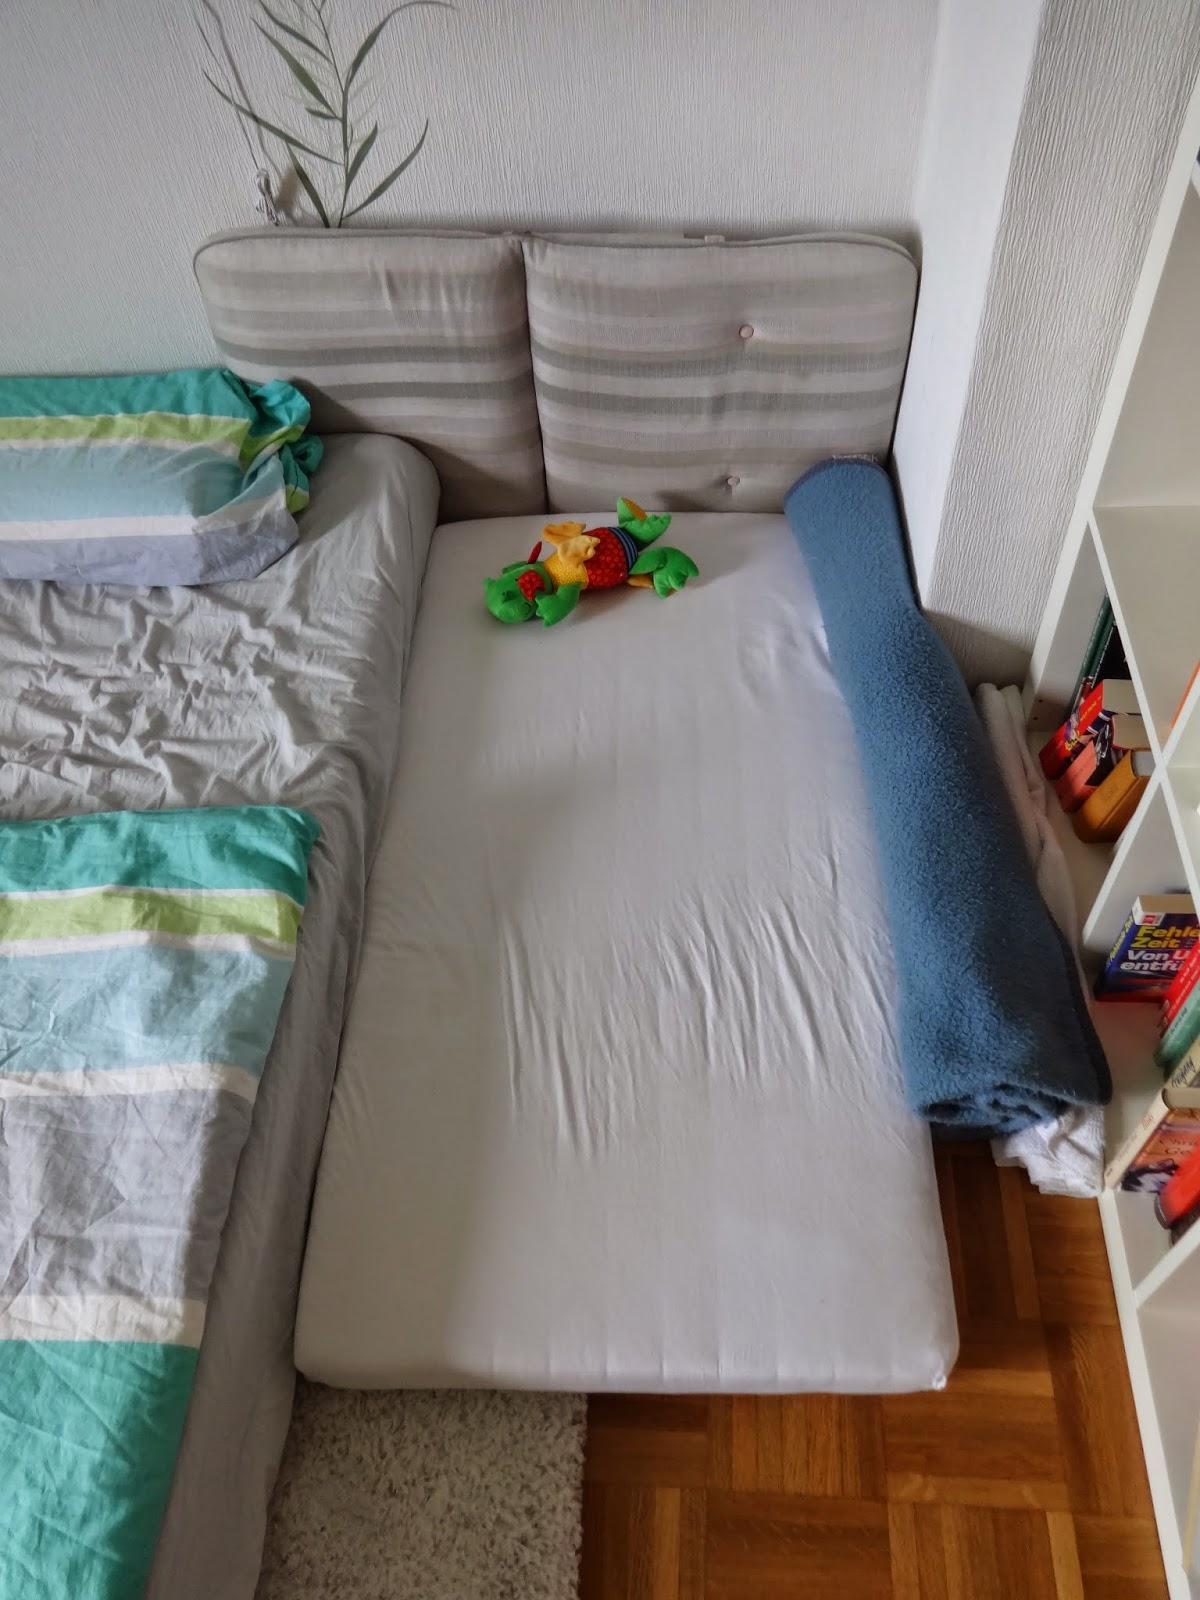 Matratzenlager familienbett  Der kleine Milchvampir: Familienbett 3.0 und ein bißchen basteln...